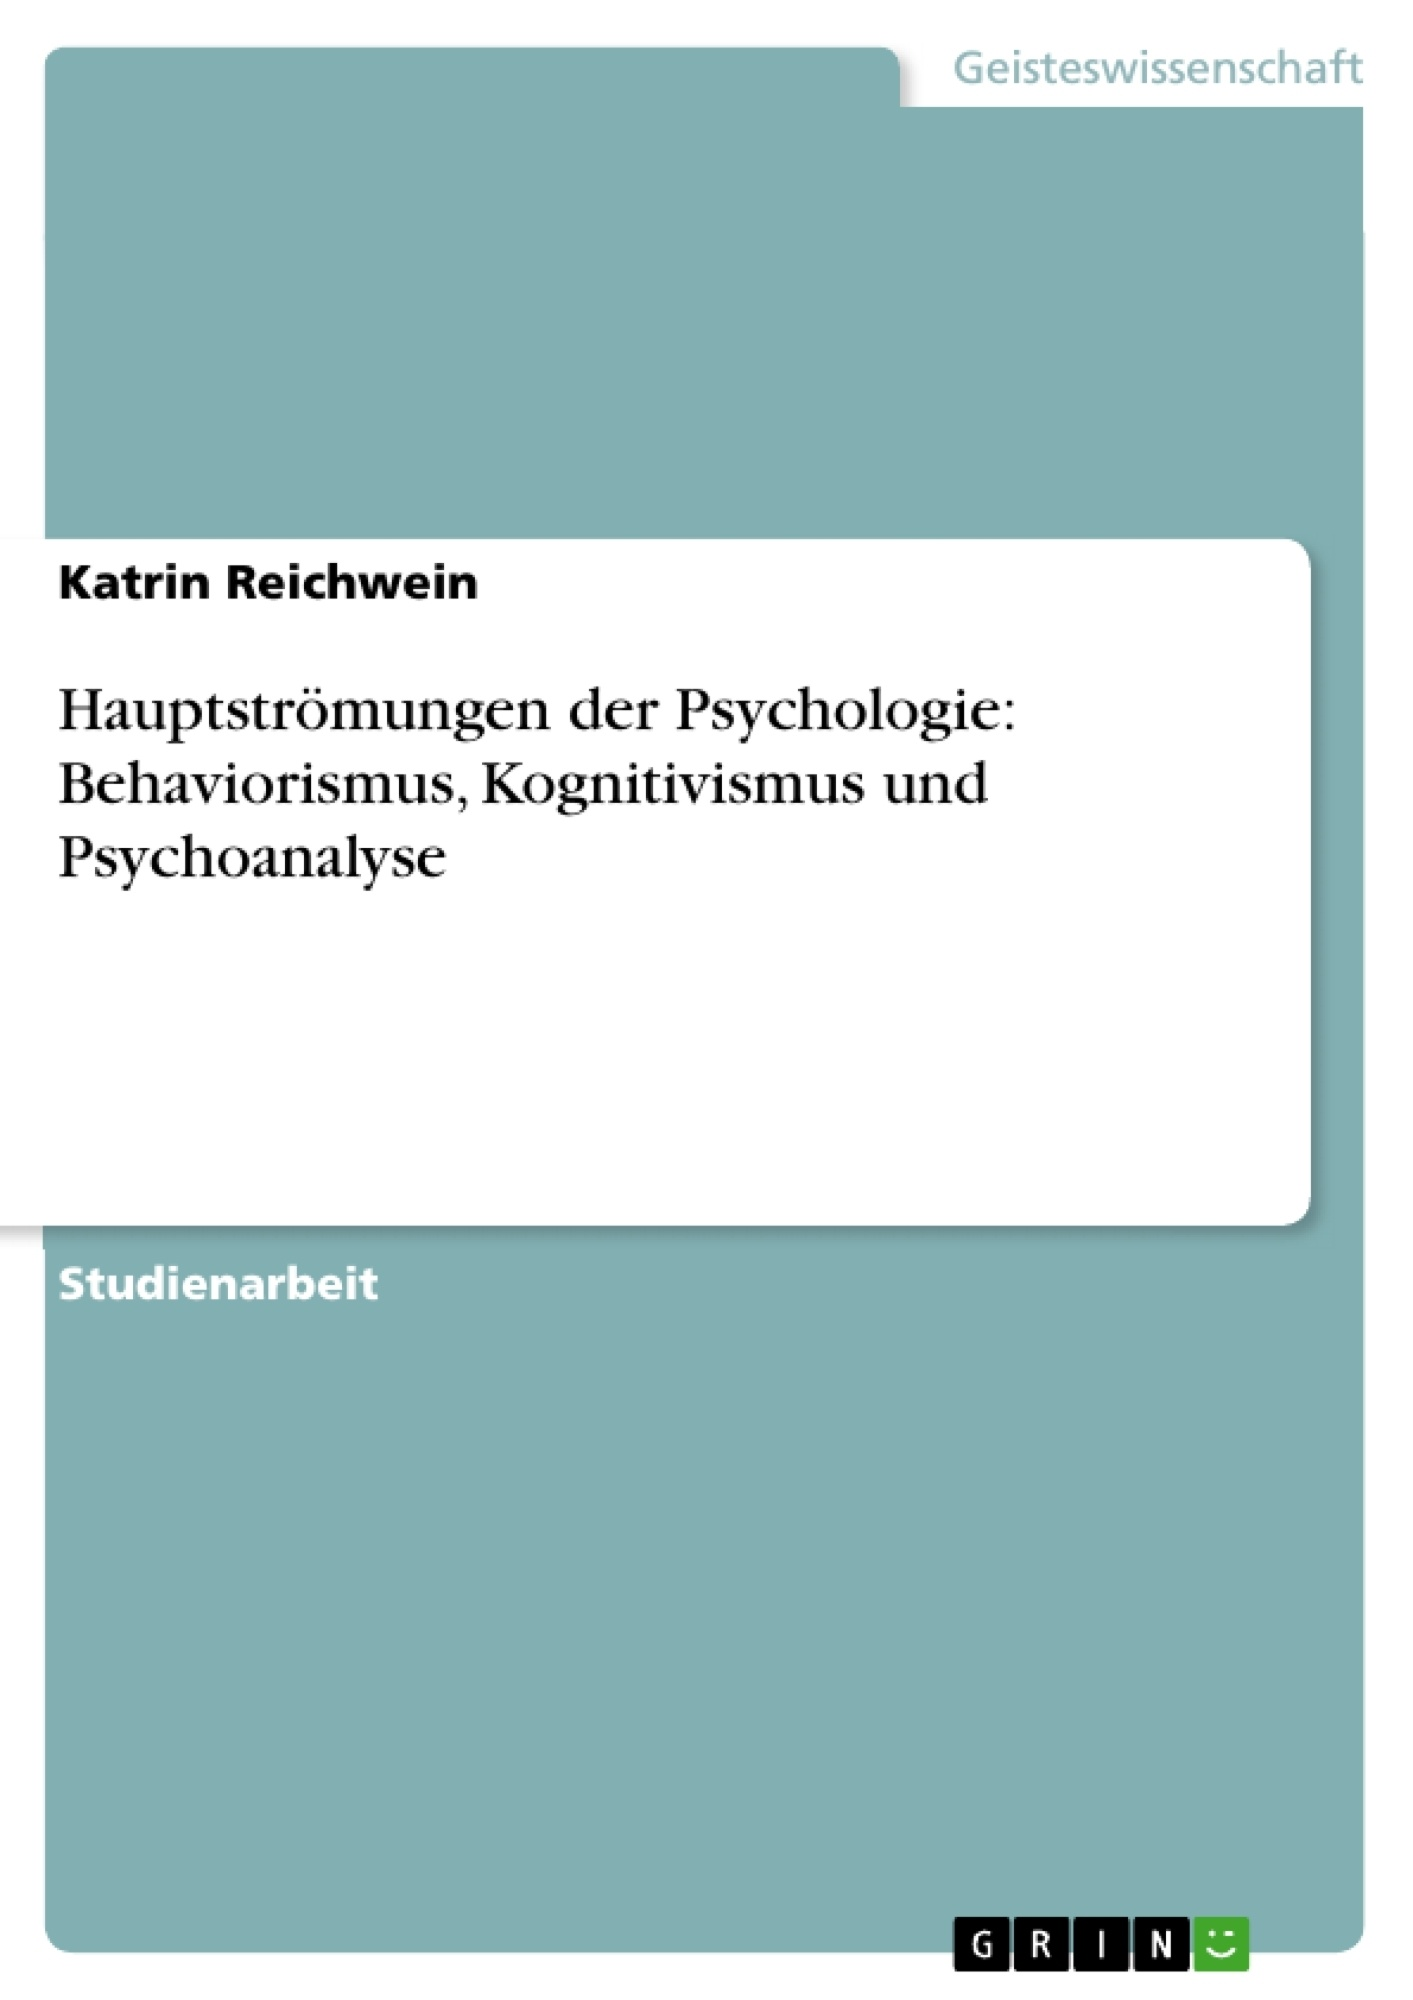 Titel: Hauptströmungen der Psychologie: Behaviorismus, Kognitivismus und Psychoanalyse